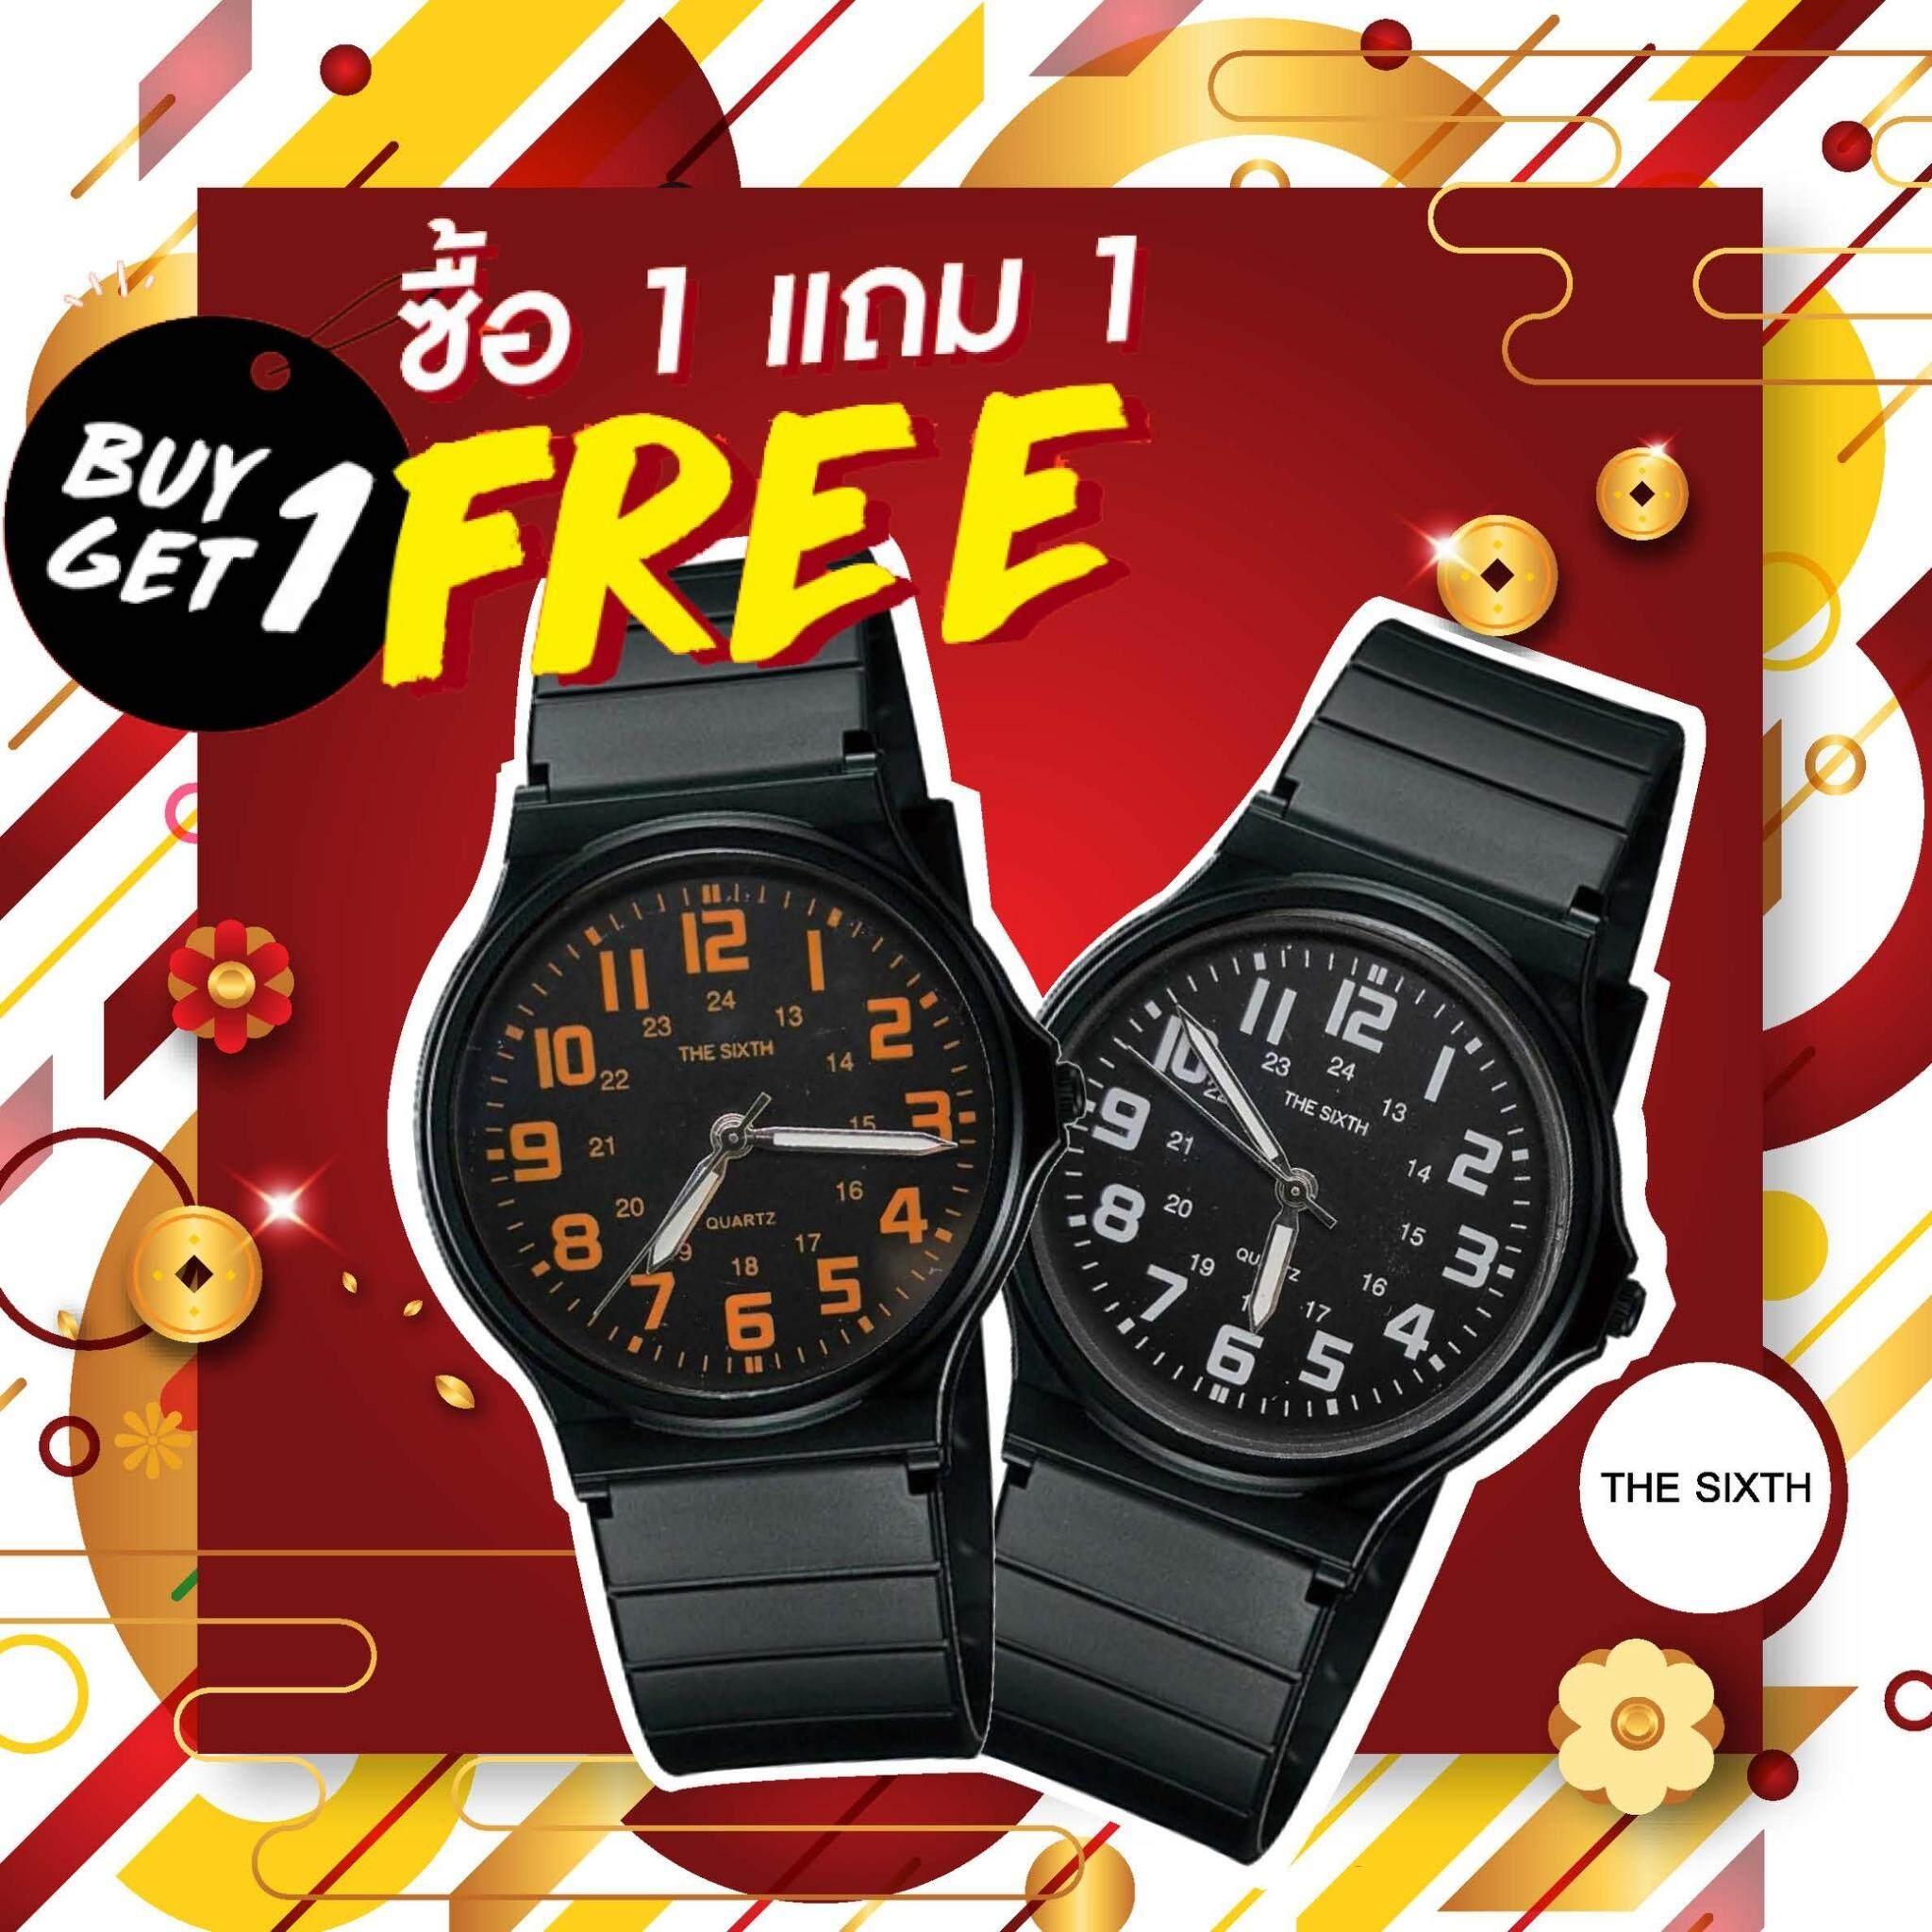 (ซื้อ 1 แถม 1 ) The Sixth นาฬิกาข้อมือ Unisex สไตล์แบรนด์ดังแท้ พร้อมส่งจัดส่ง R-114 By Riches.lzd.